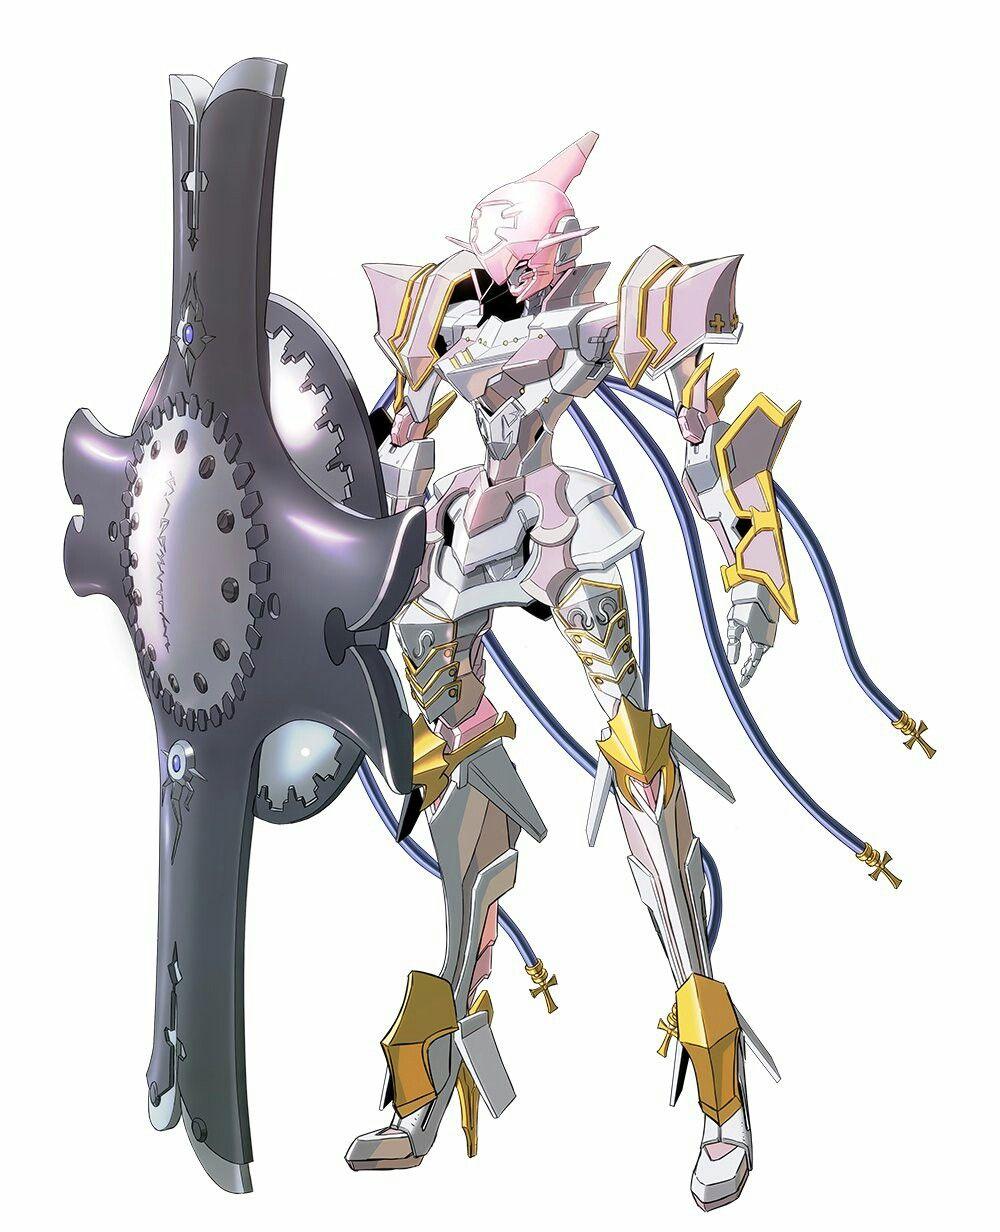 Anime Robot: Gundam, Robot, Mecha Anime